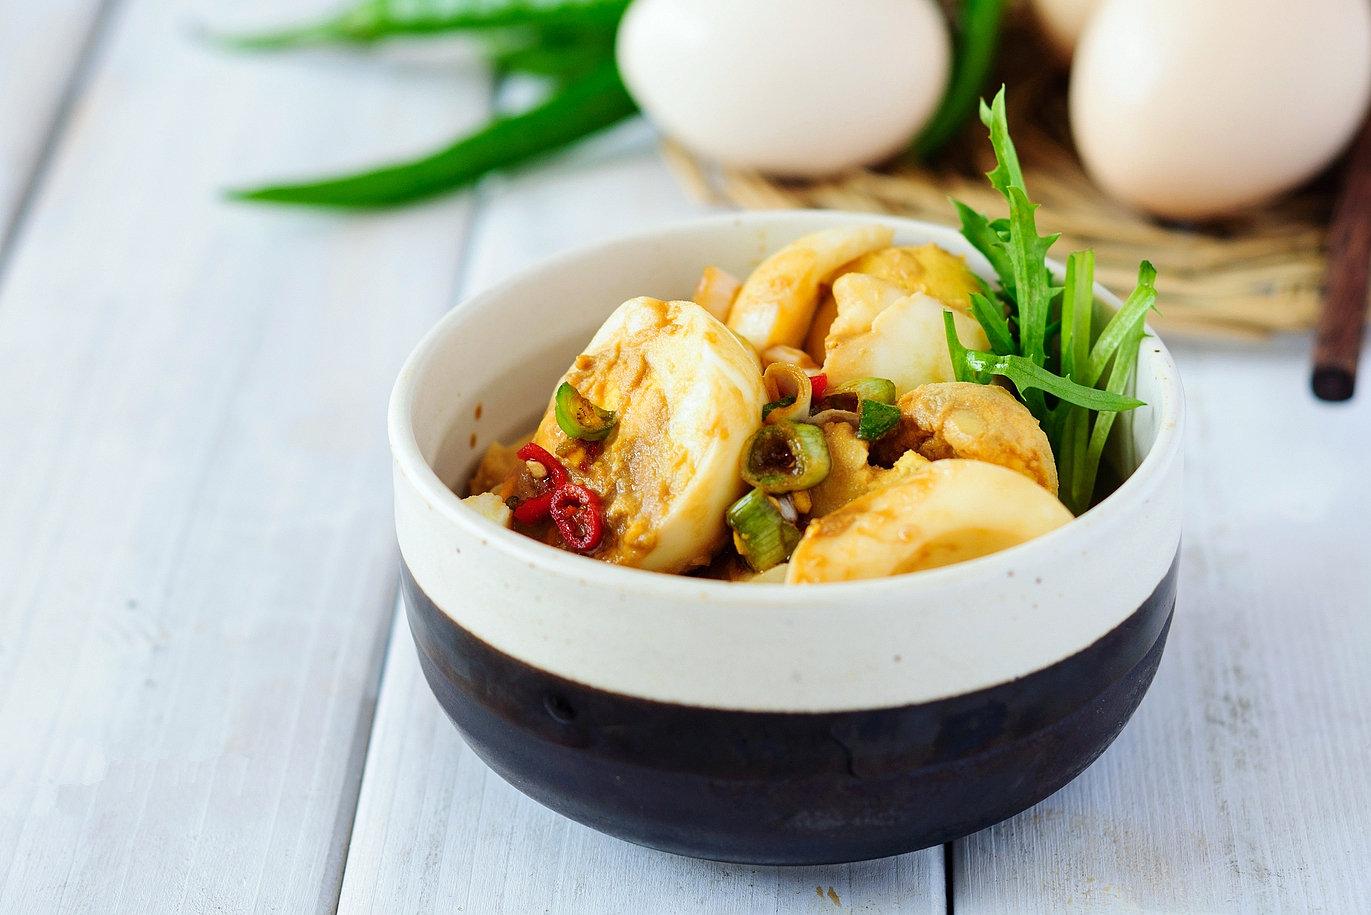 凉拌土鸡蛋:小城最有味道的早餐家常菜